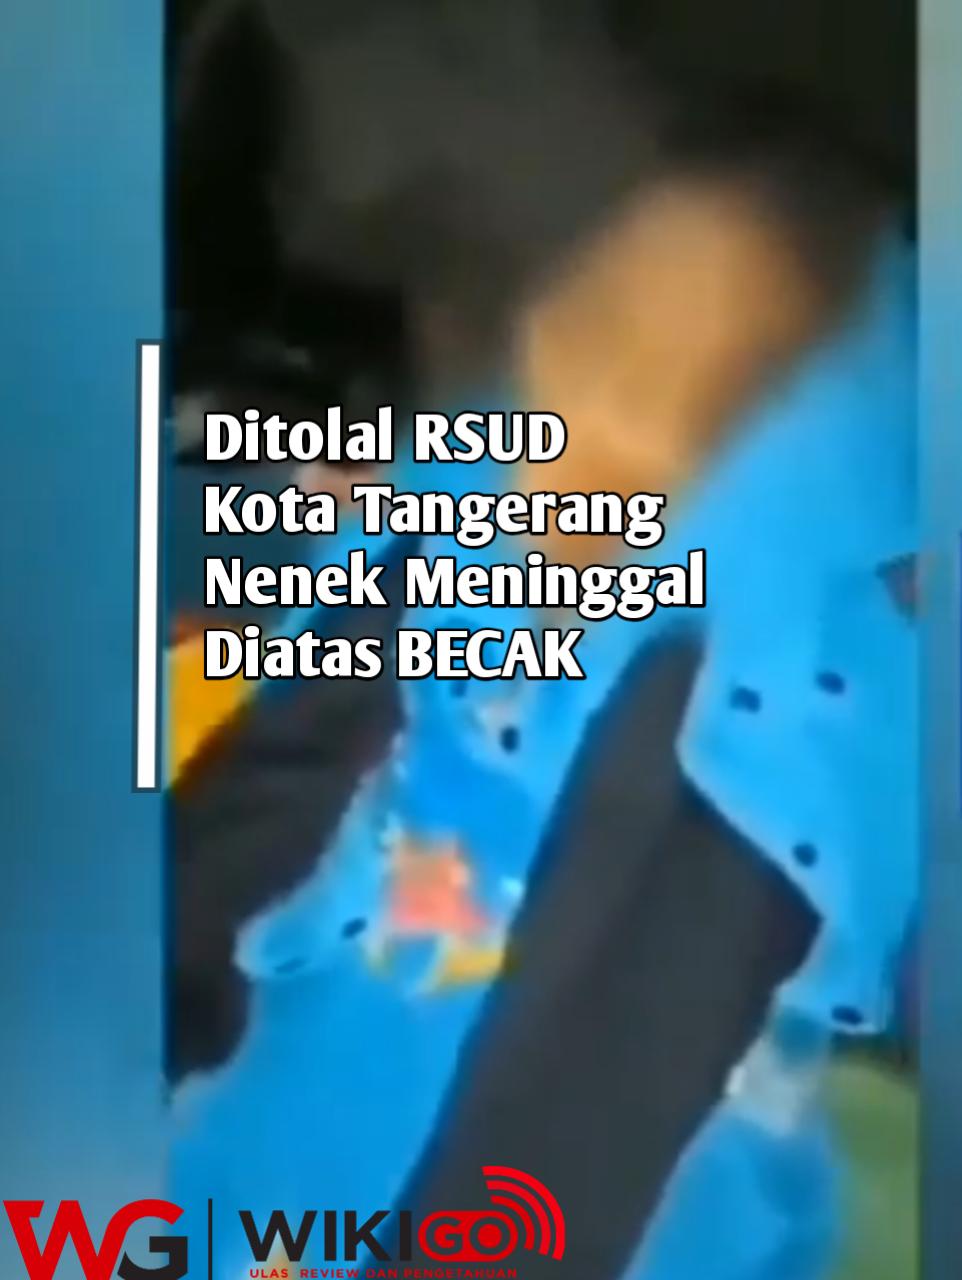 Ditolak RSUD Tangerang, Membuat si Nenek Tewas diatas Becak